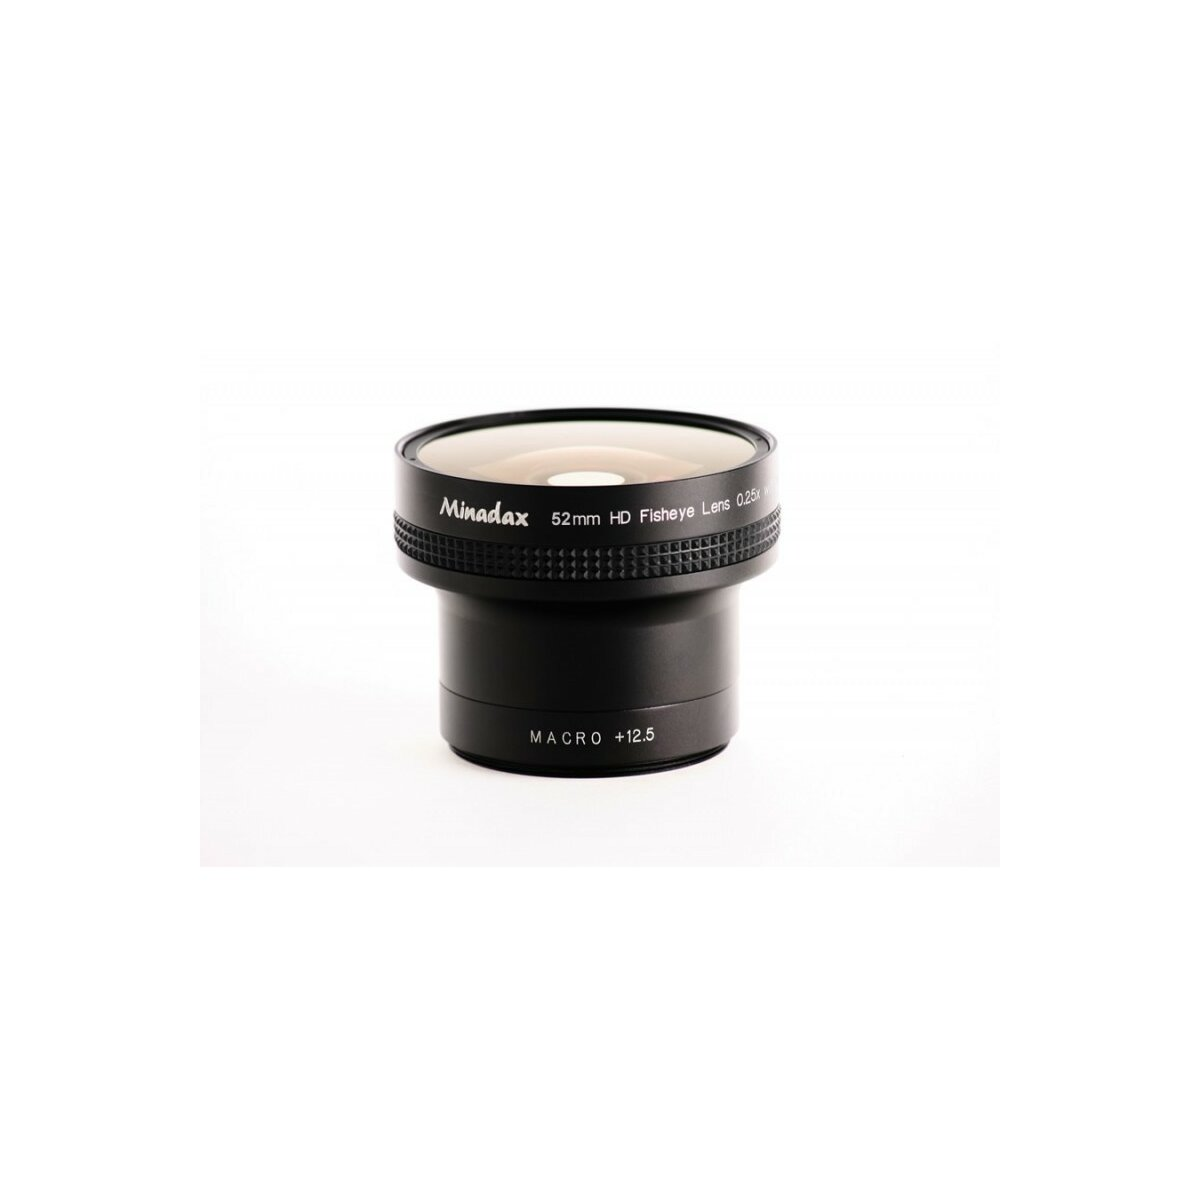 Minadax 0.25x Fisheye Vorsatz kompatibel mit Canon Powershot G6 - in schwarz